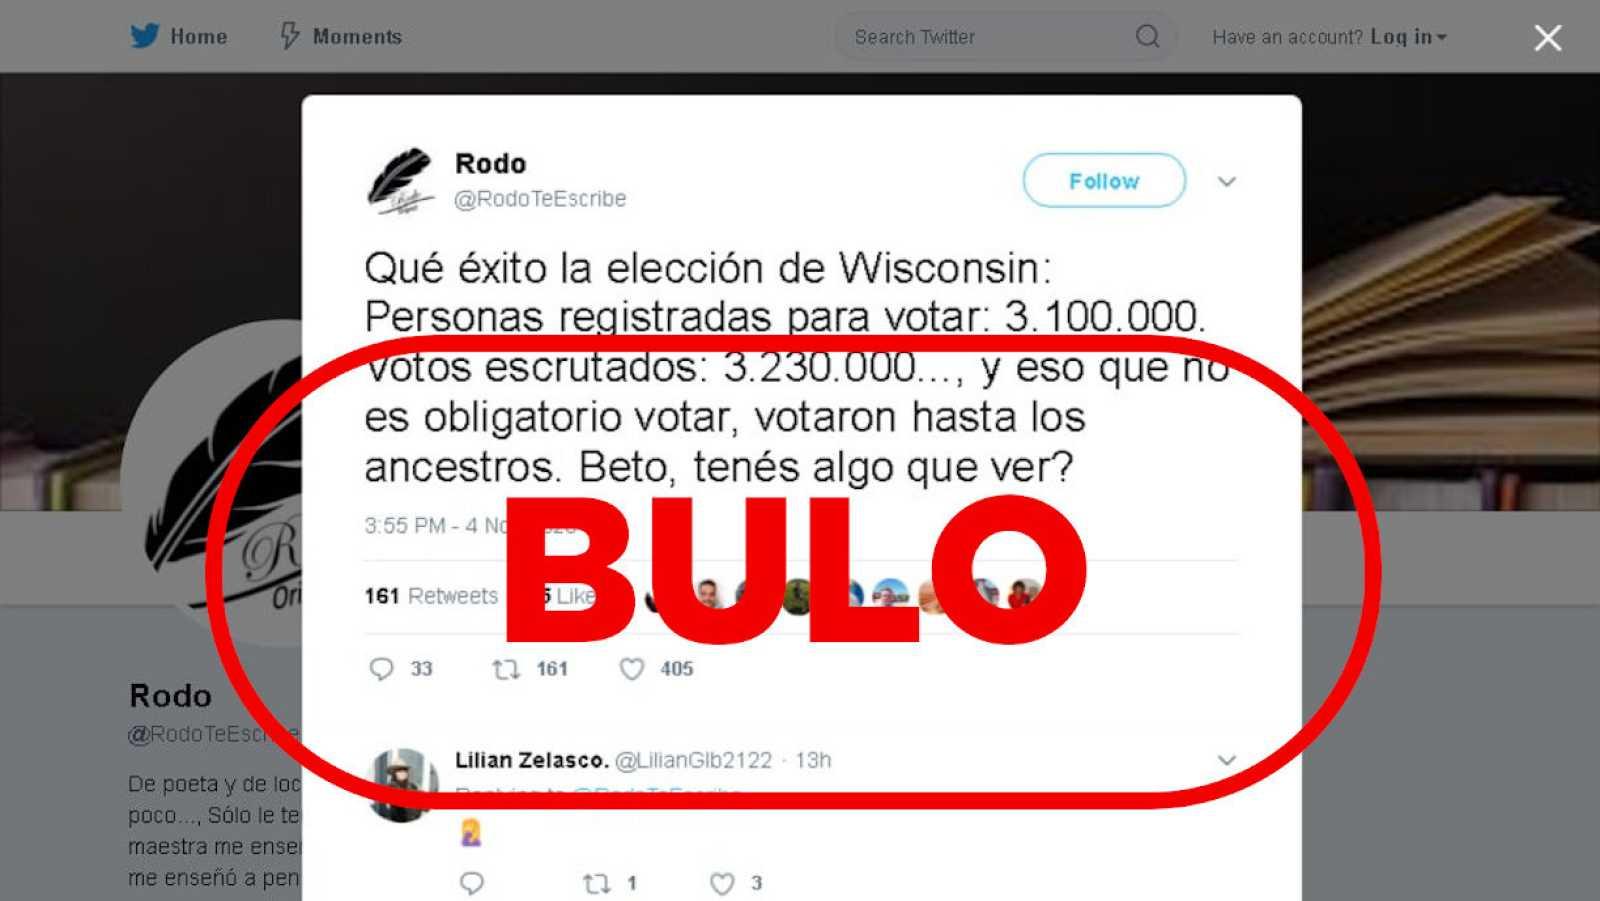 Captura de un tuit con información falsa que sugiere fraude en Wisconsin.